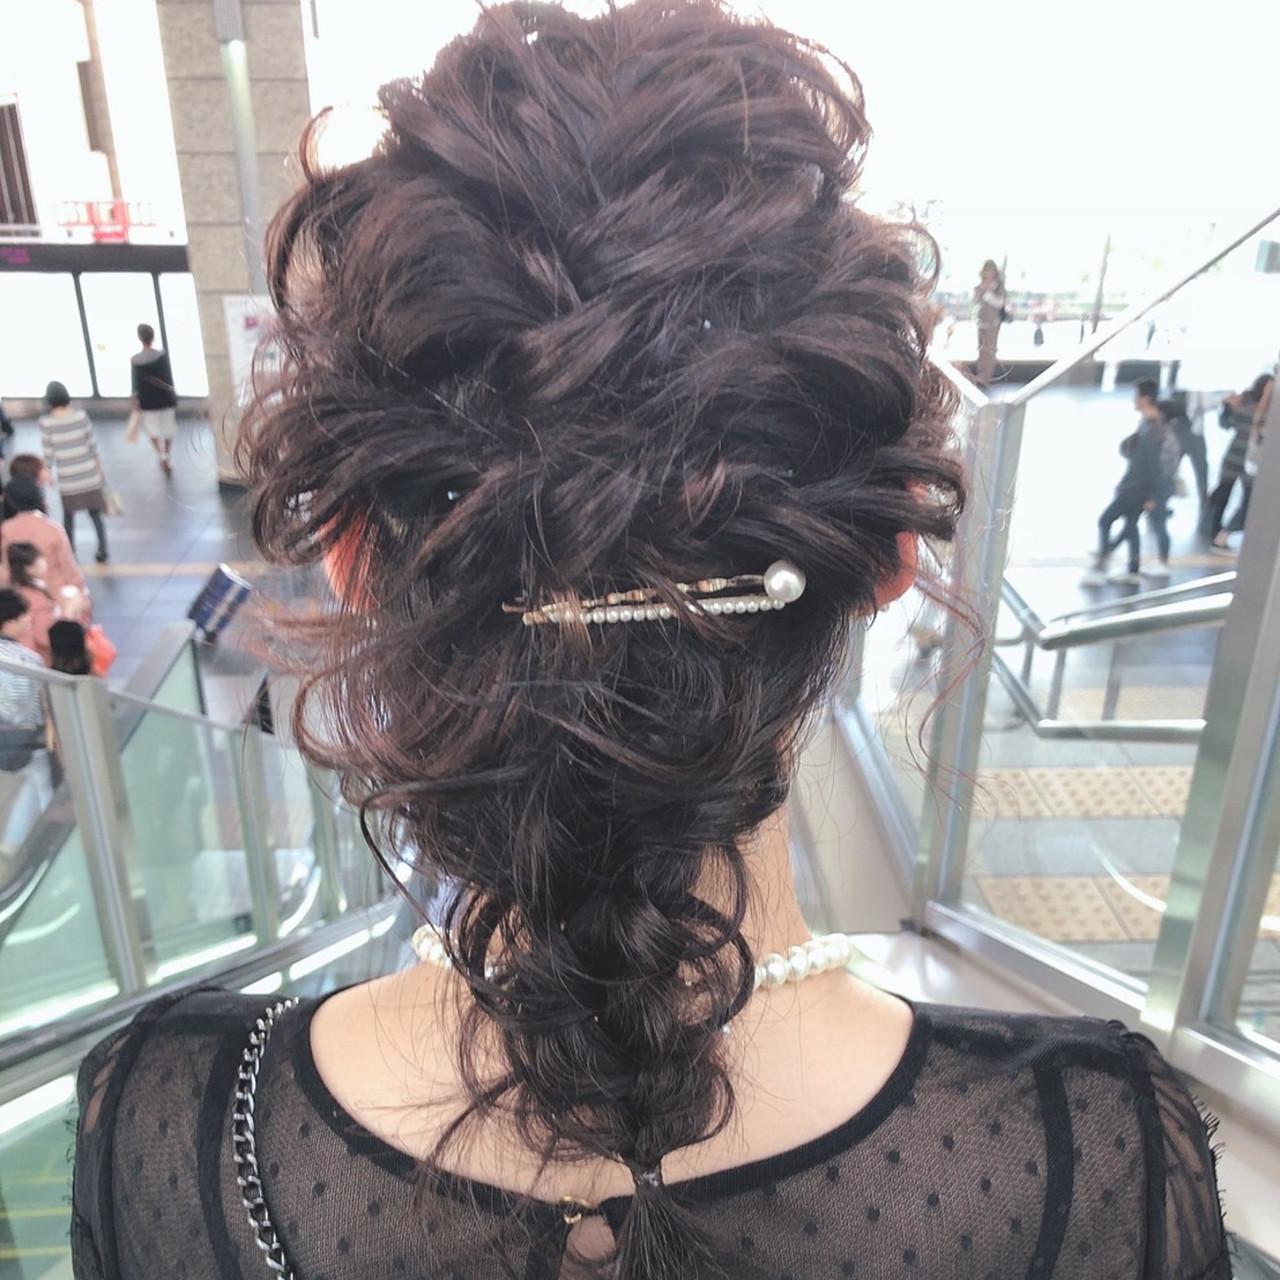 結婚式ヘアアレンジ ふわふわヘアアレンジ ヘアアレンジ セルフヘアアレンジ ヘアスタイルや髪型の写真・画像